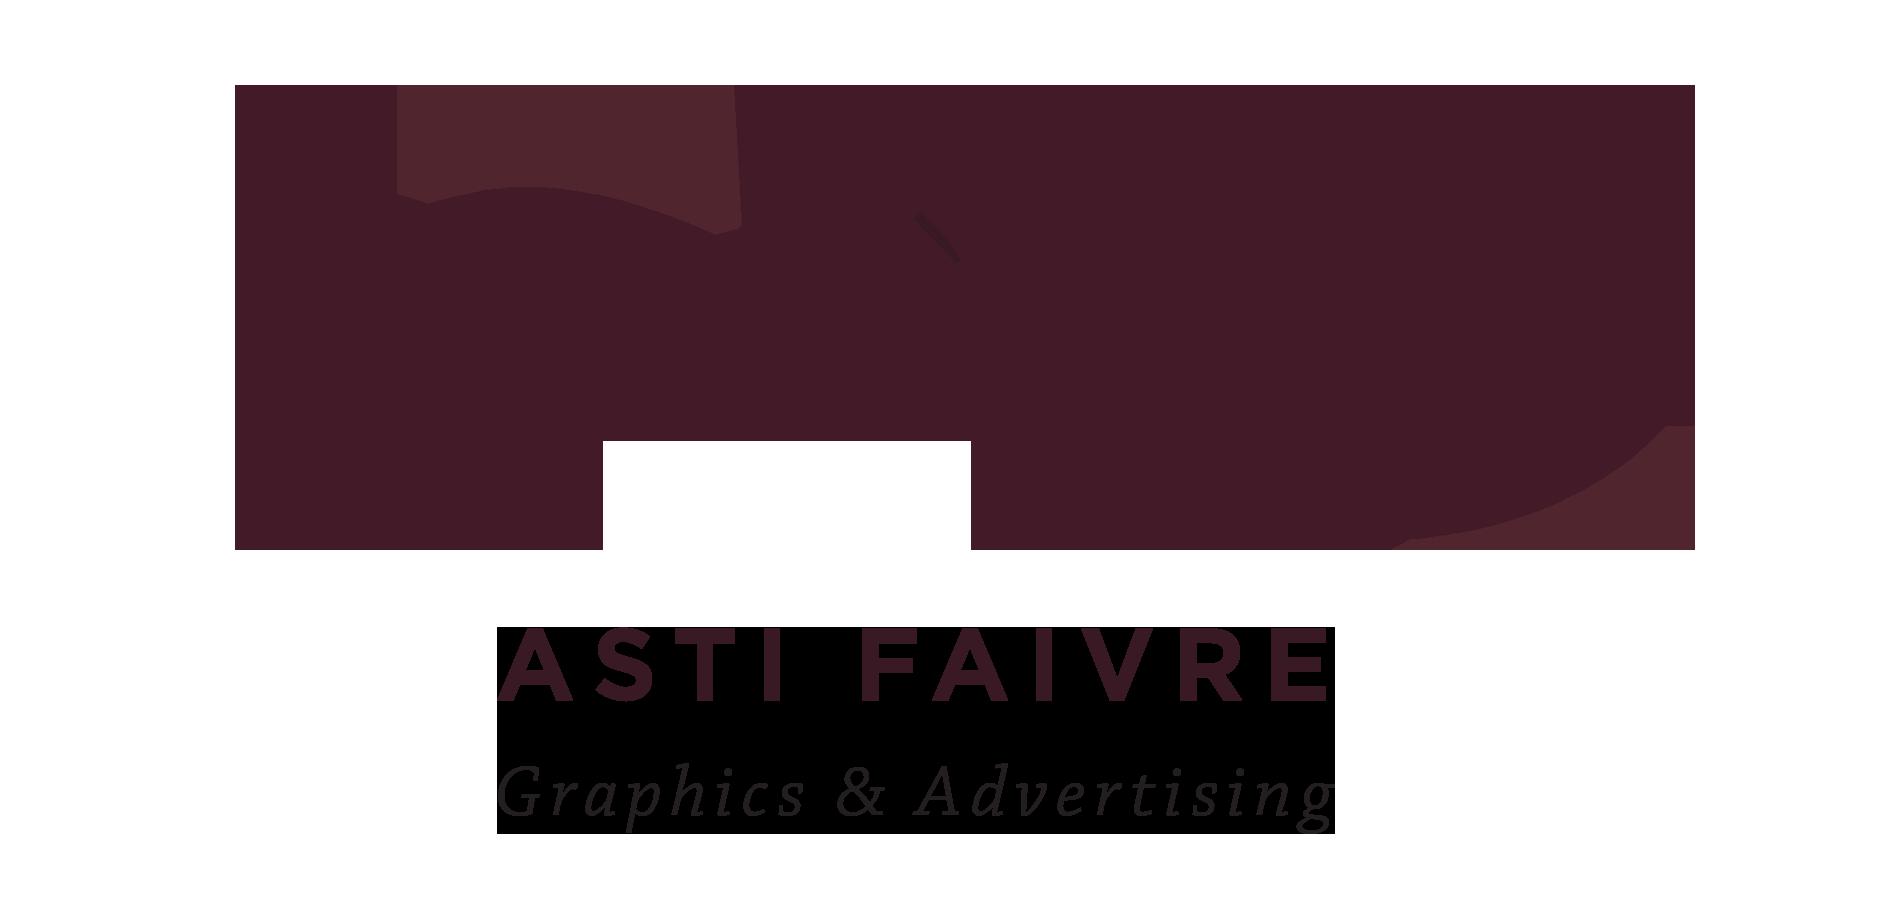 Asti Faivre